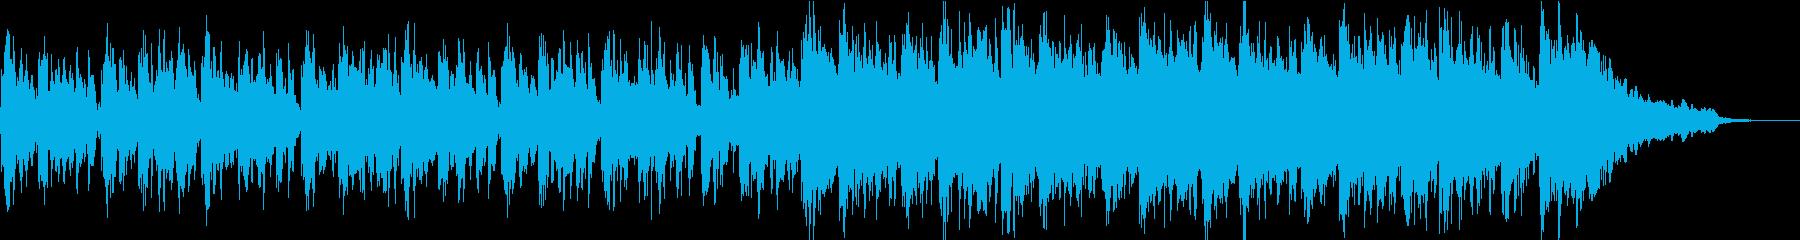 子供の声を使った不思議キャッチーなBGMの再生済みの波形